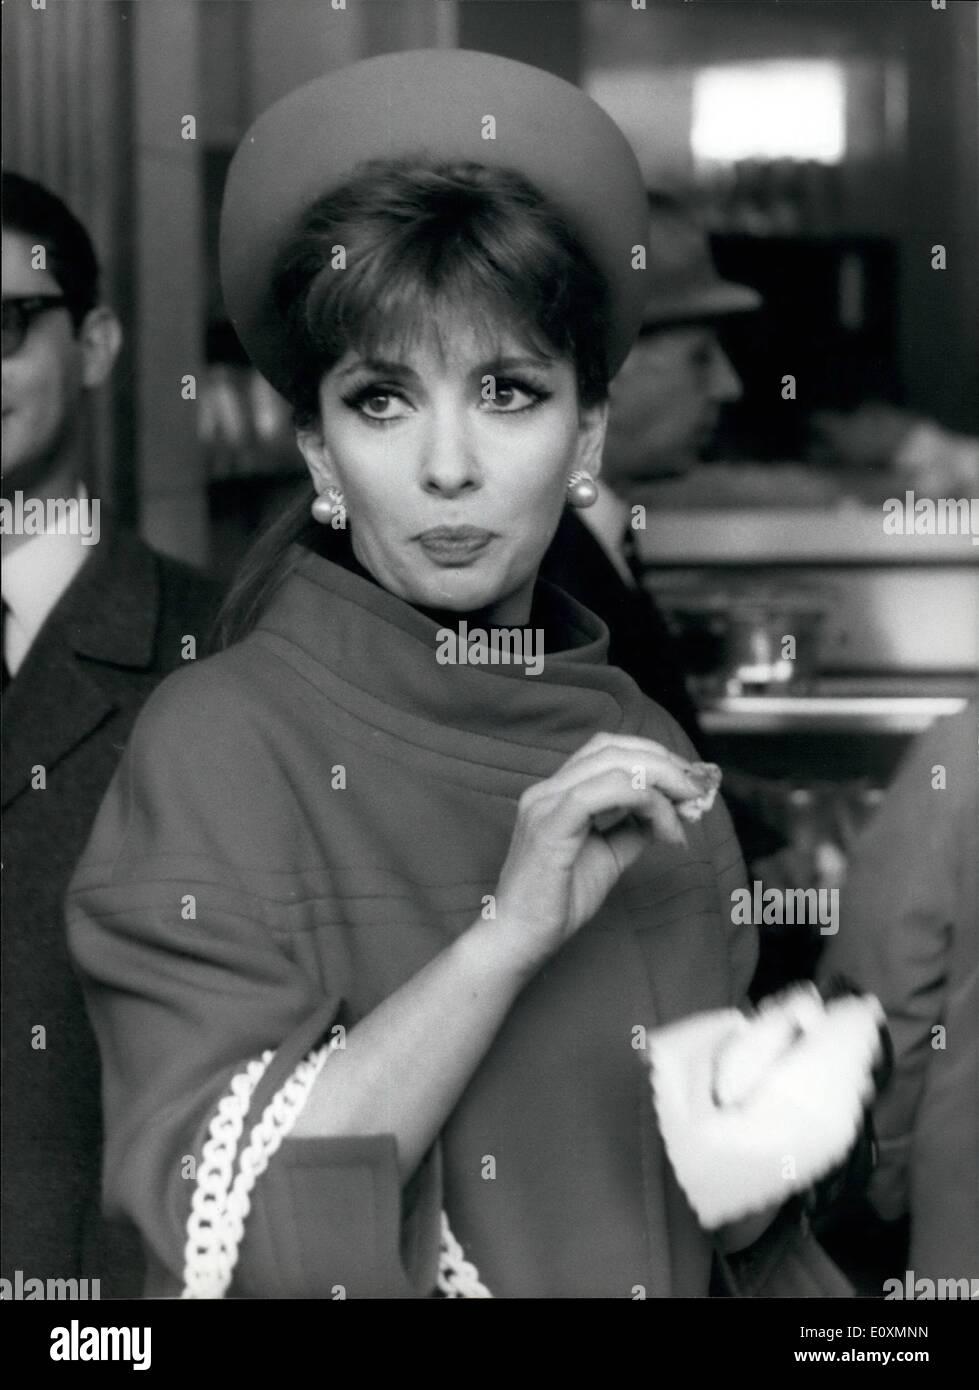 4 april 1967 ging die italienische schauspielerin gina. Black Bedroom Furniture Sets. Home Design Ideas